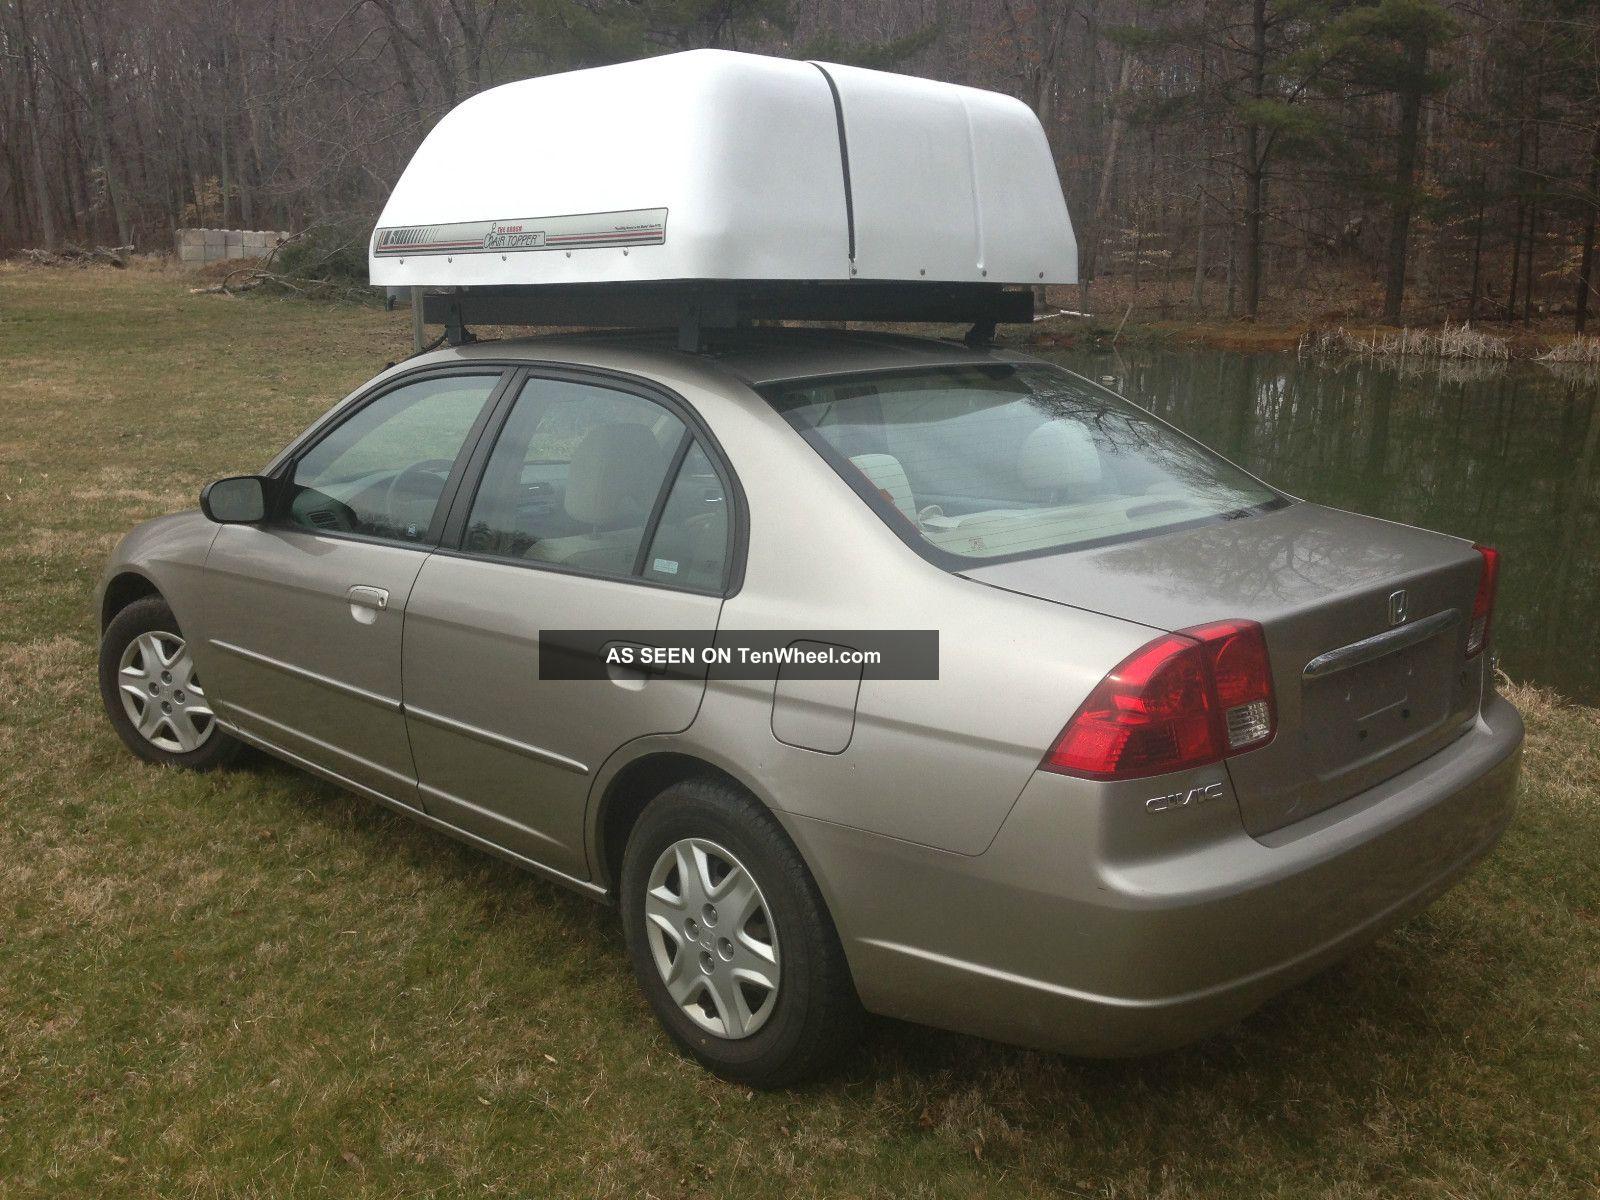 2003 handicap equipped honda civic lx sedan 4 door 1 7l. Black Bedroom Furniture Sets. Home Design Ideas